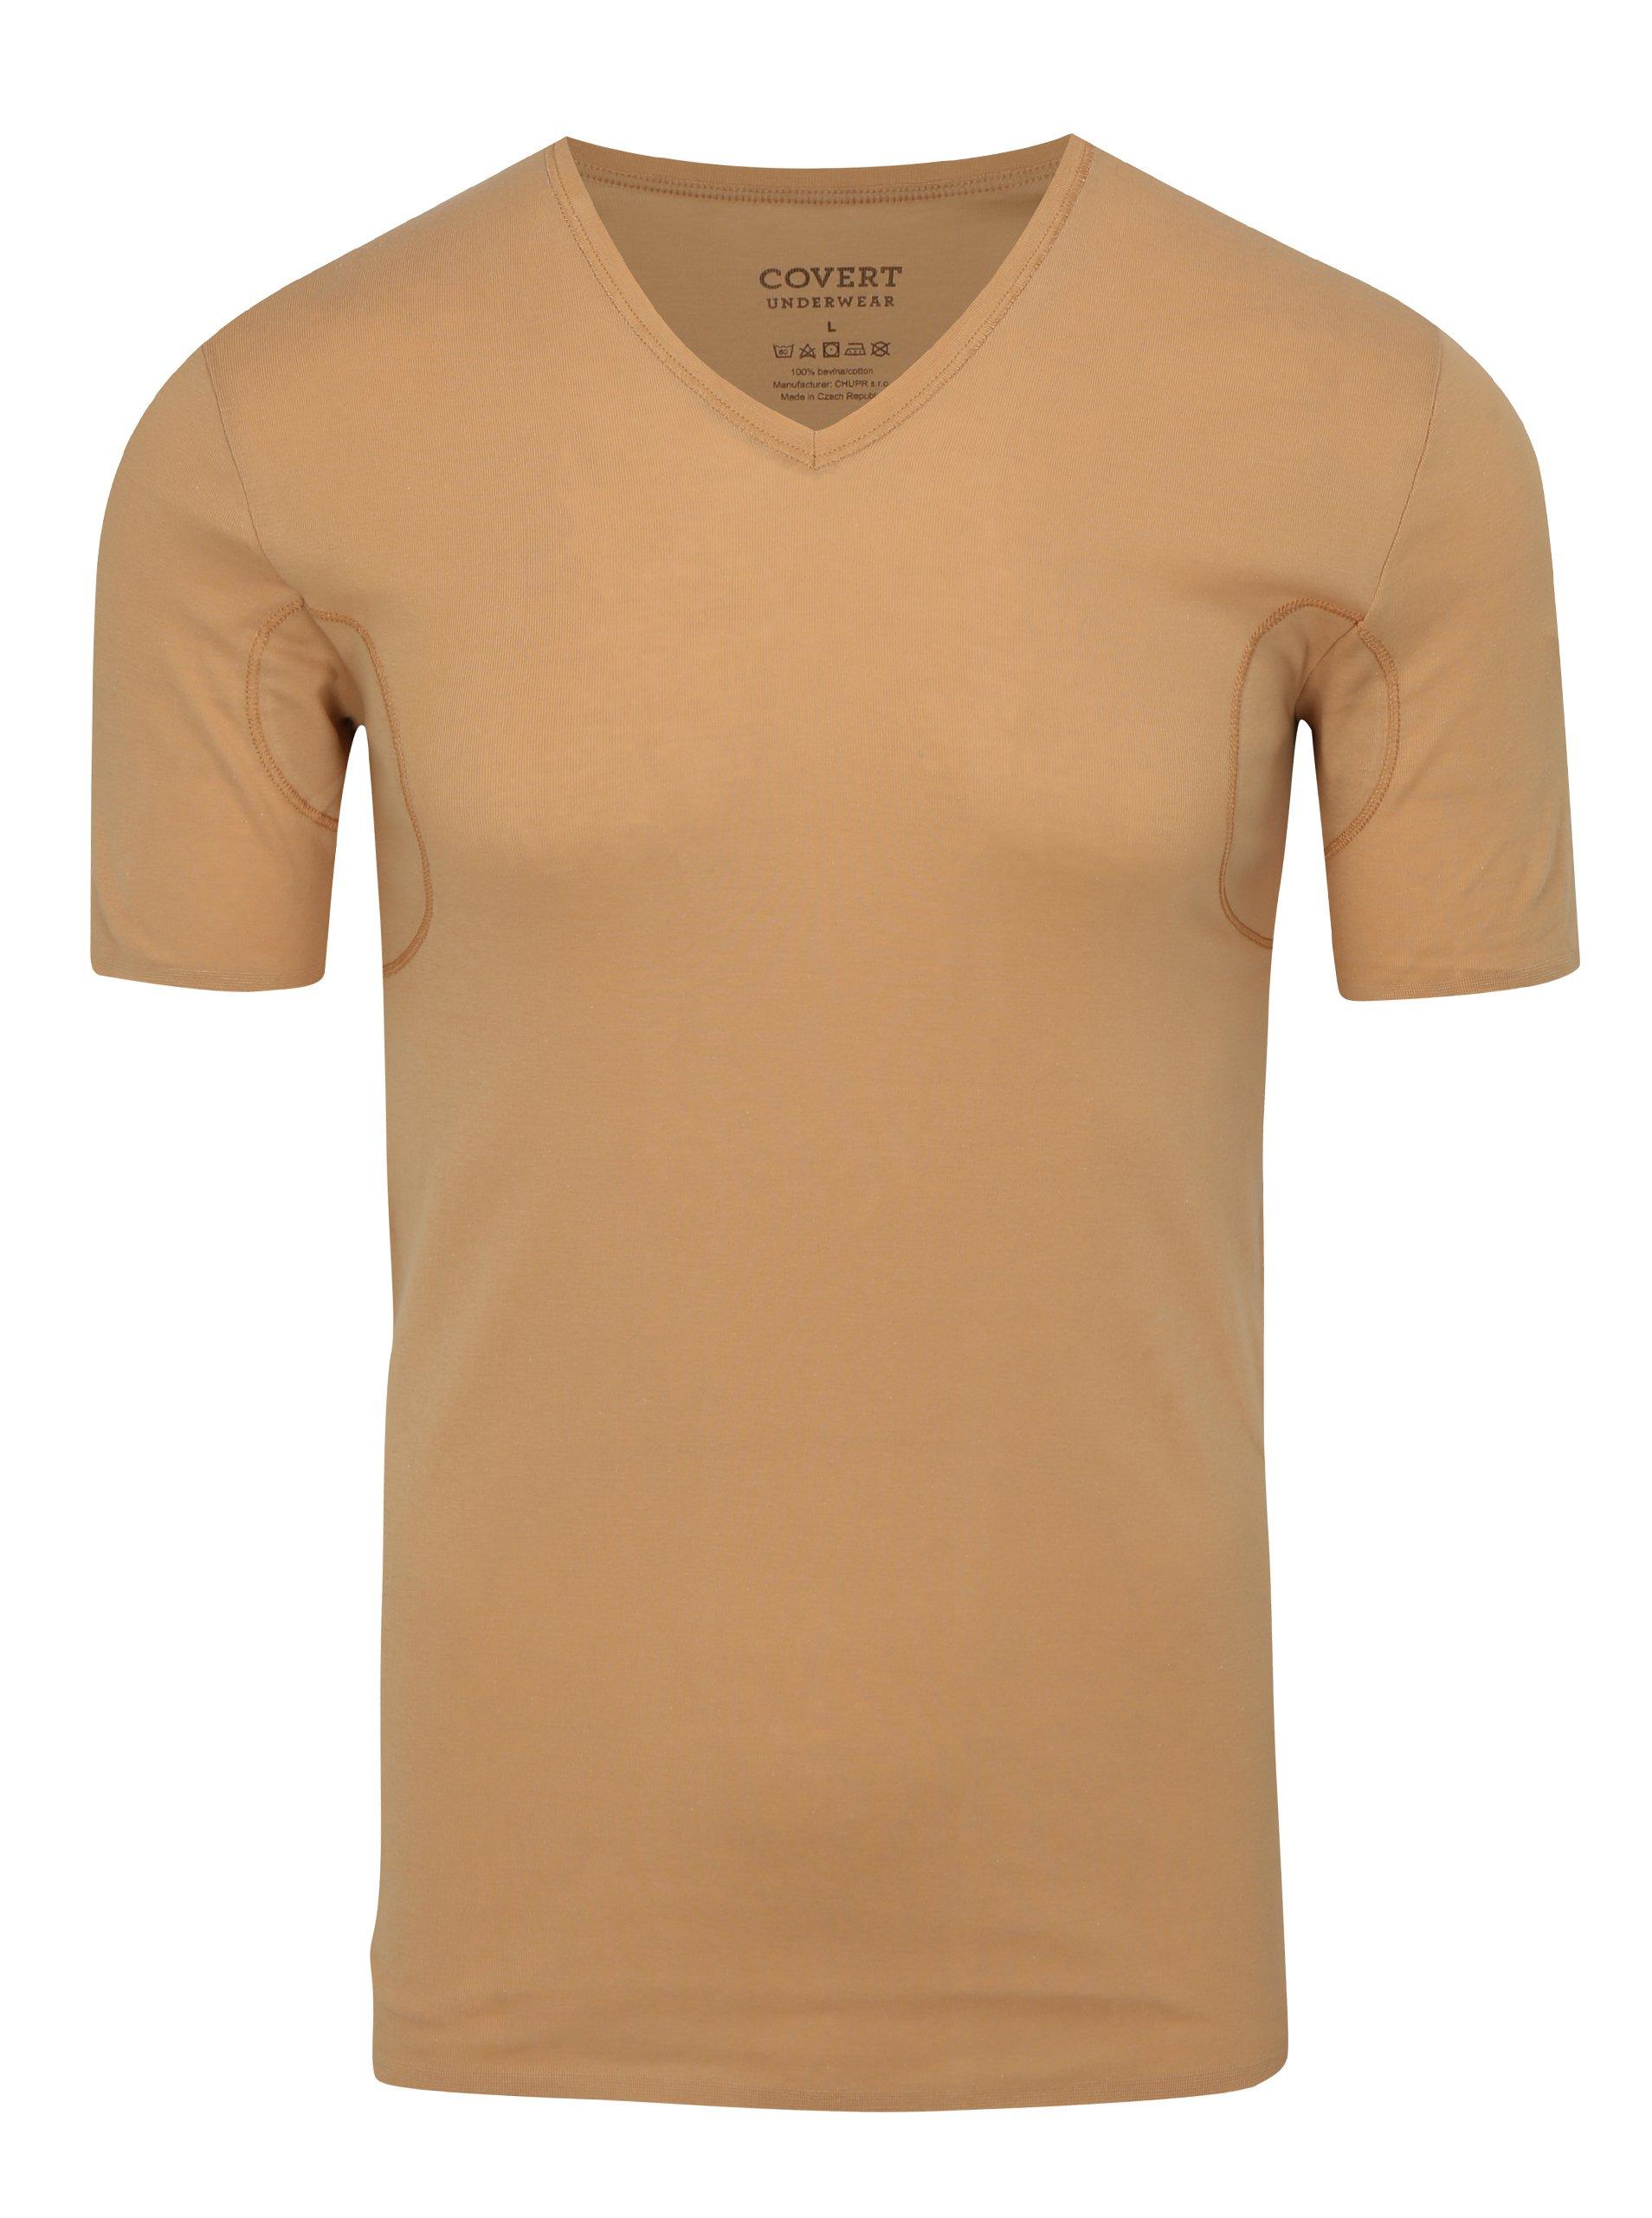 2678324b6 Telové skinny tričko pod košeľu s potítkami Covert Underwear | Moda.sk